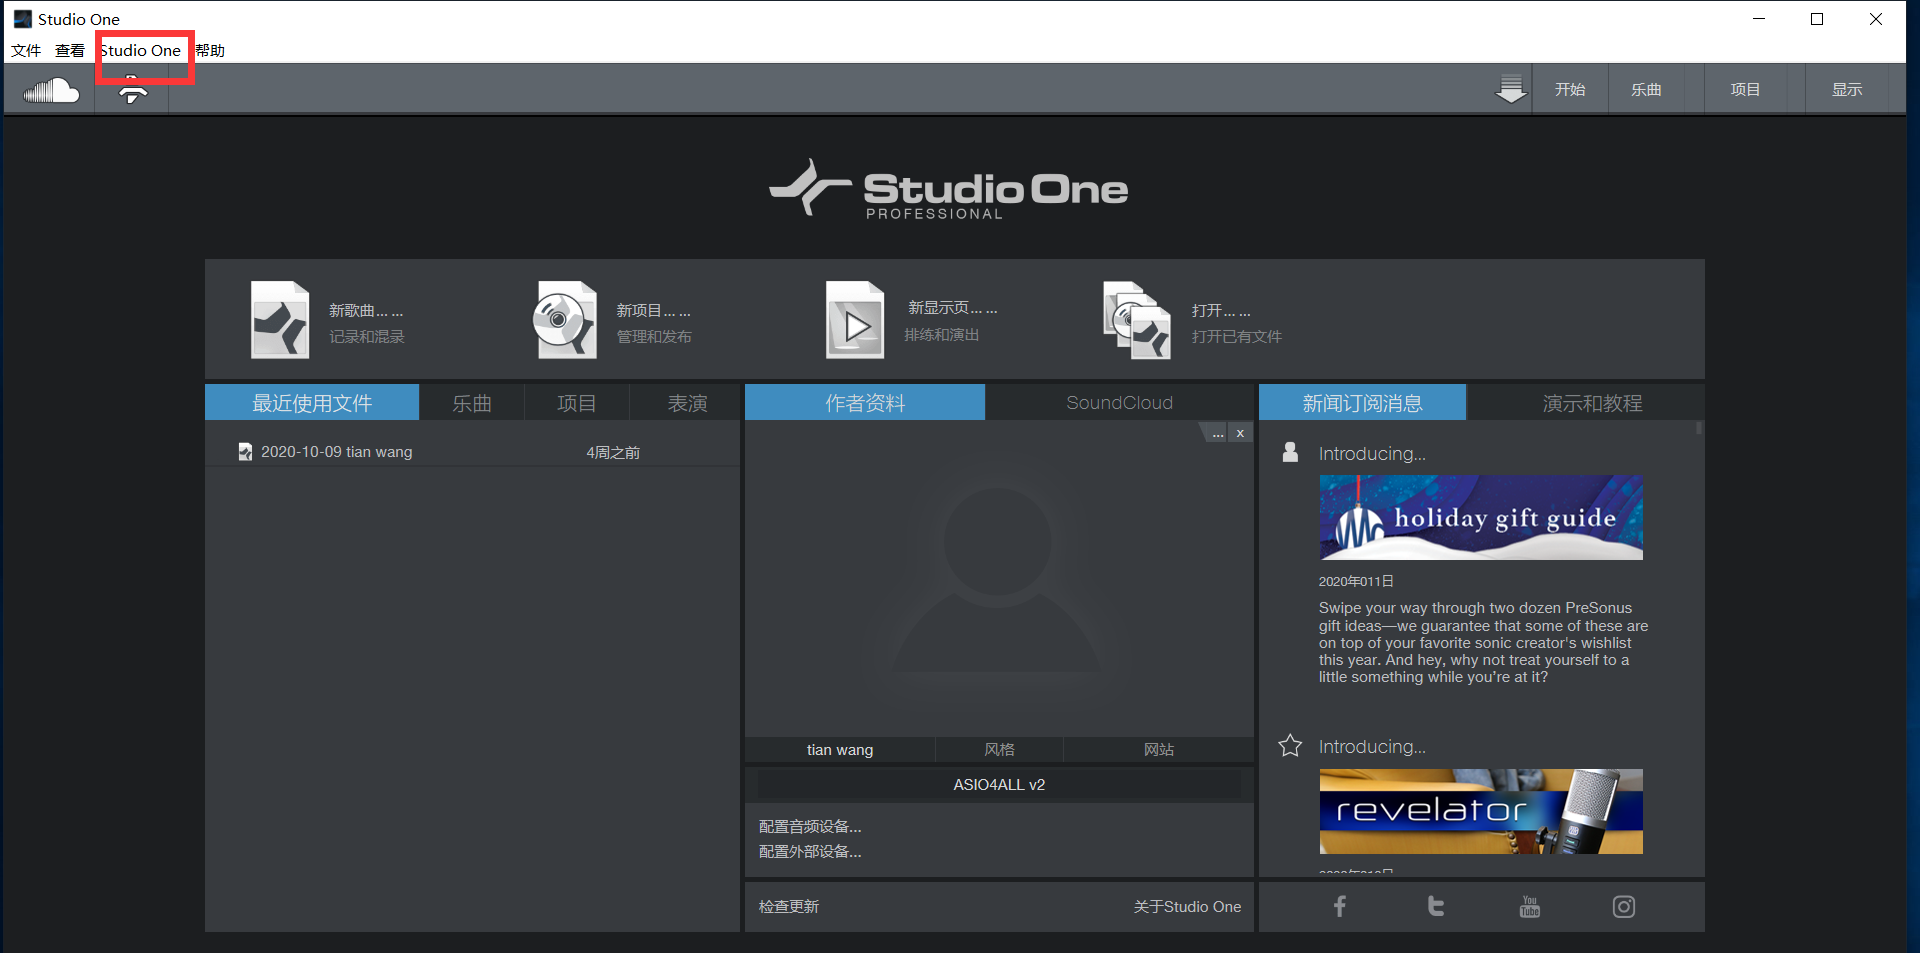 studio one按钮